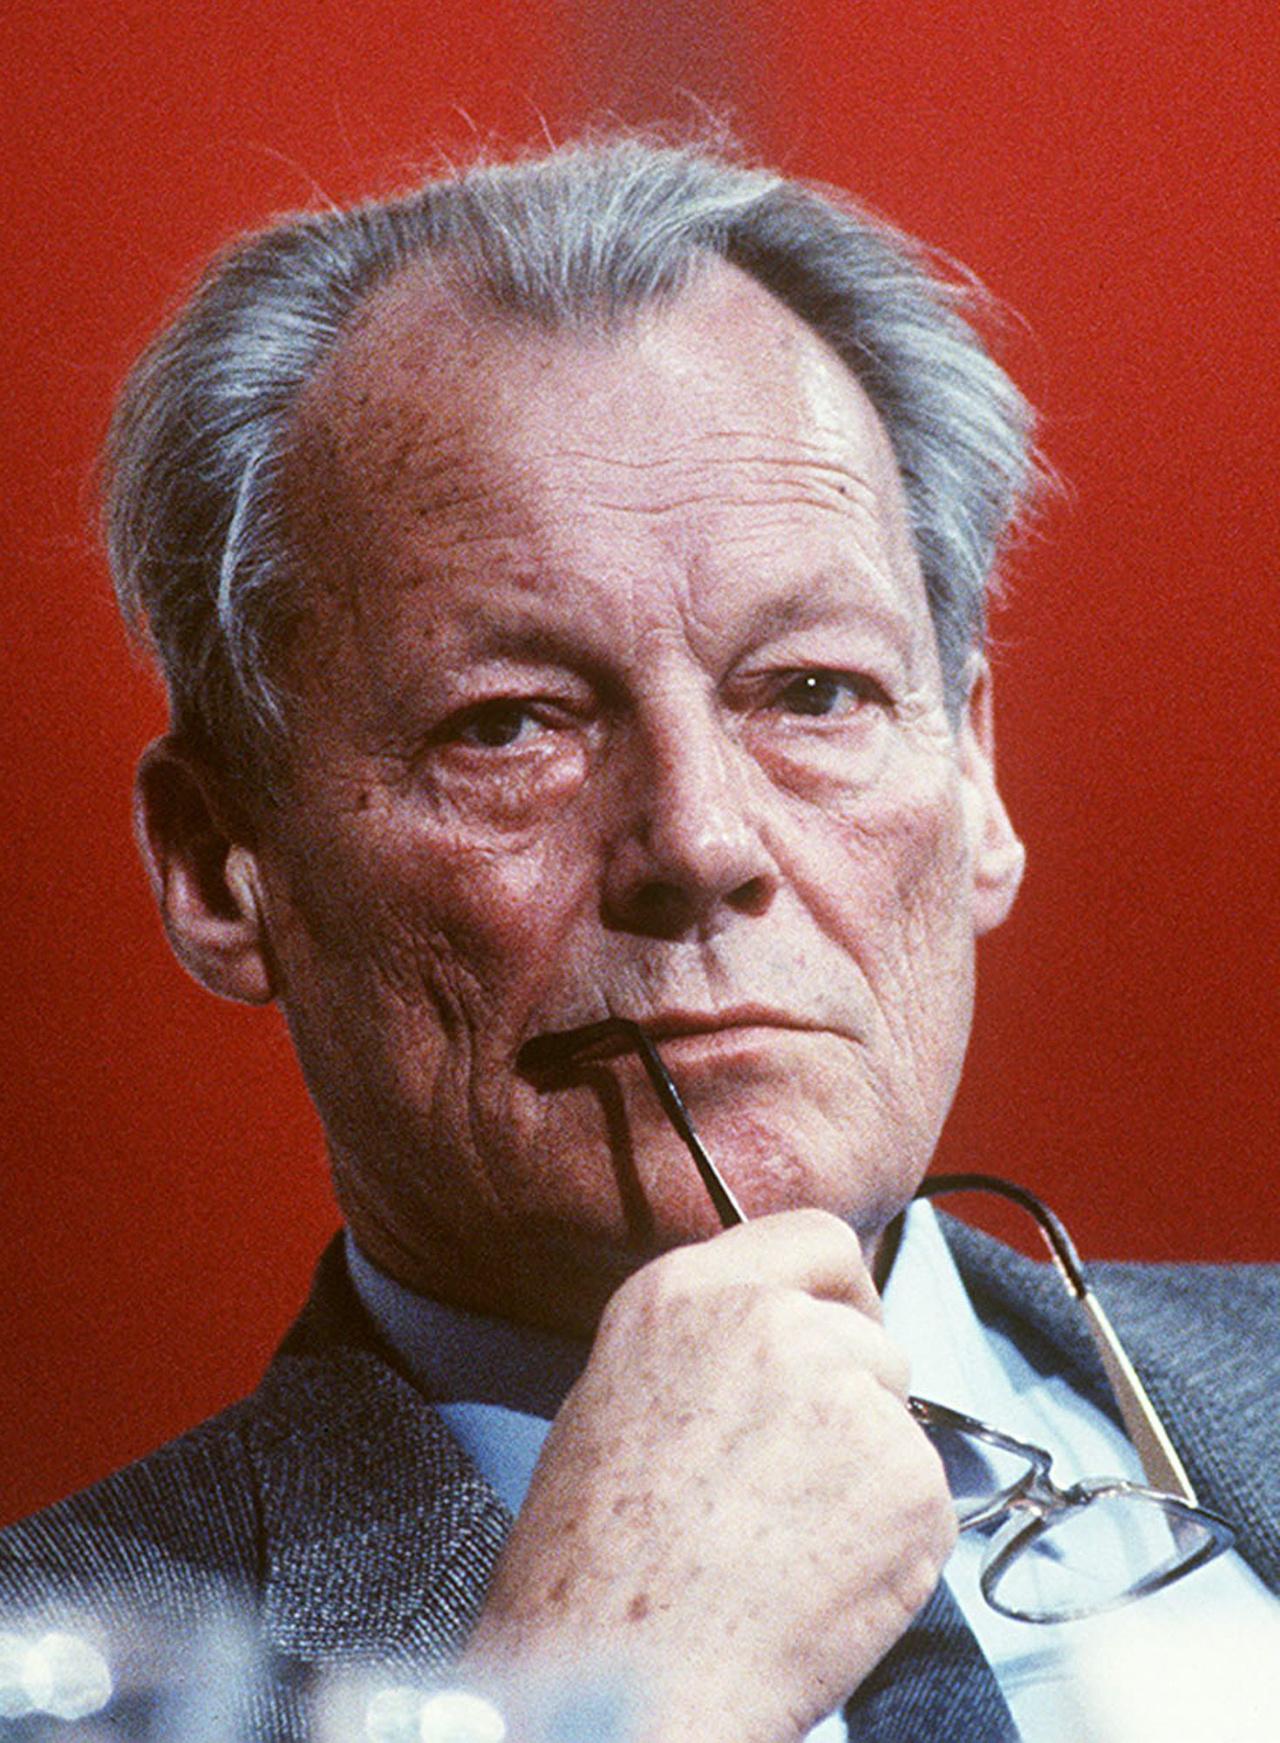 Zitat: Porträtfoto von Willy Brandt, SPD-Politiker und ehemaliger Bundeskanzler, 1983. Prinzip Apfelbaum – Magazin über das, was bleibt. Ausgabe: Bewahren. Foto: picture alliance / AP Images